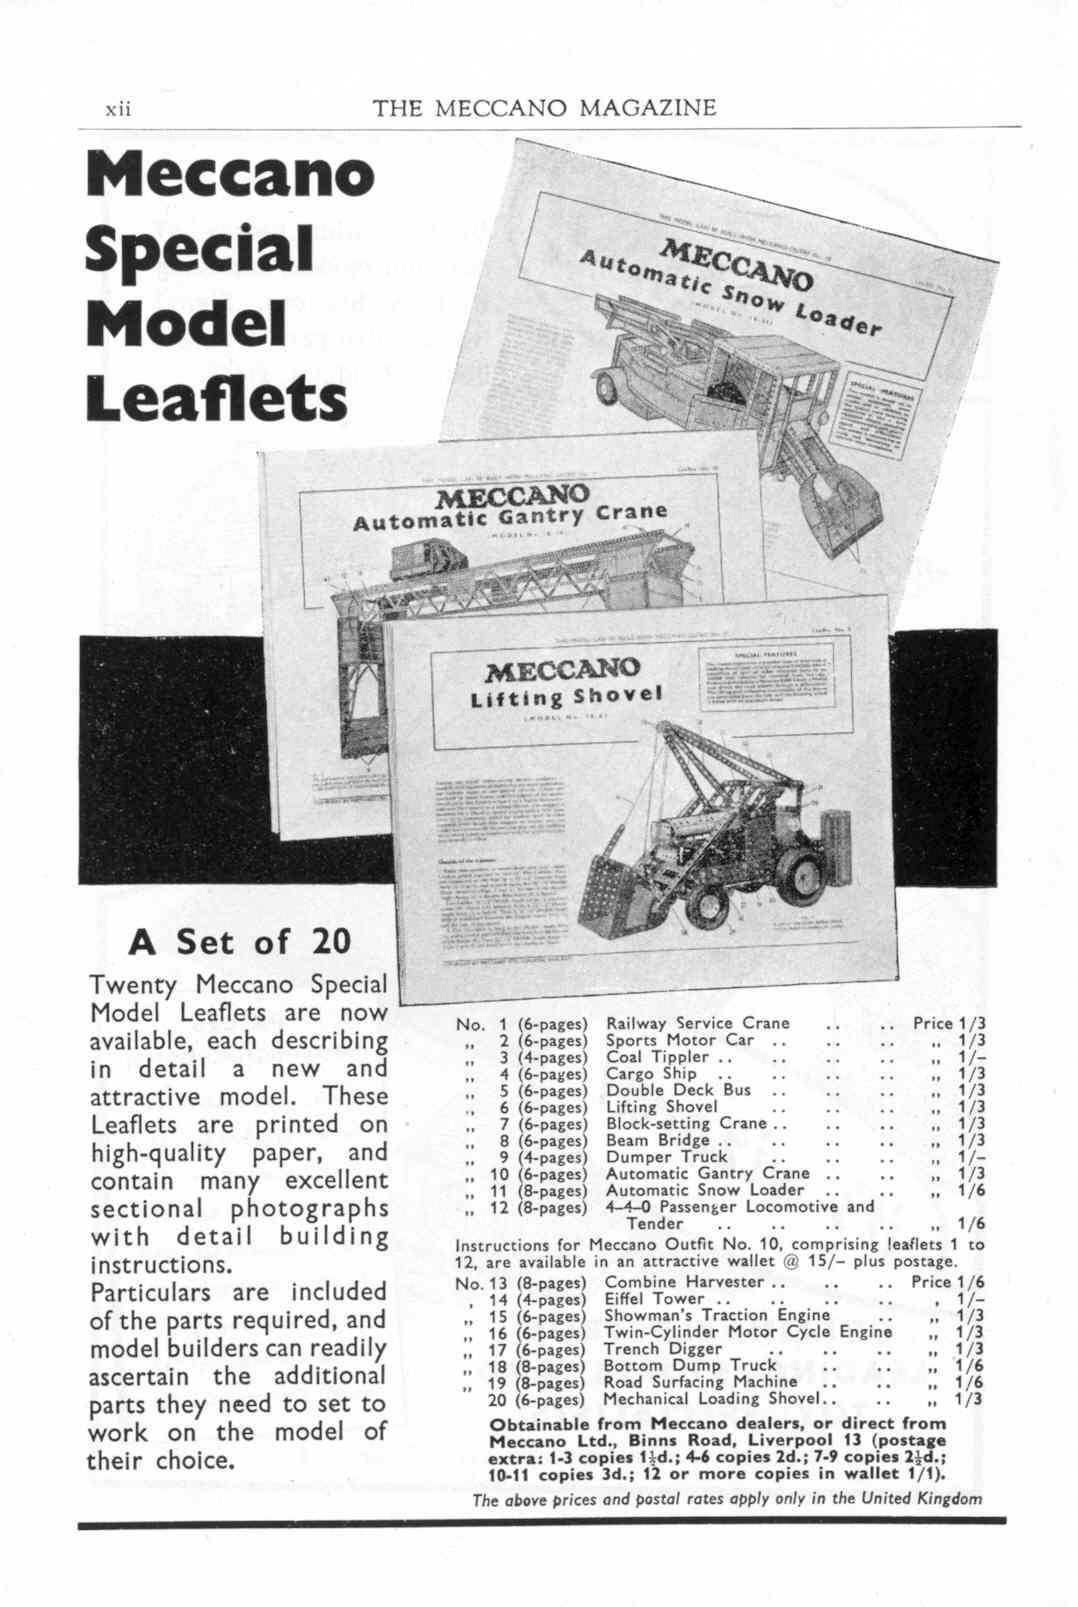 UK Meccano Magazine October 1955 Page xii